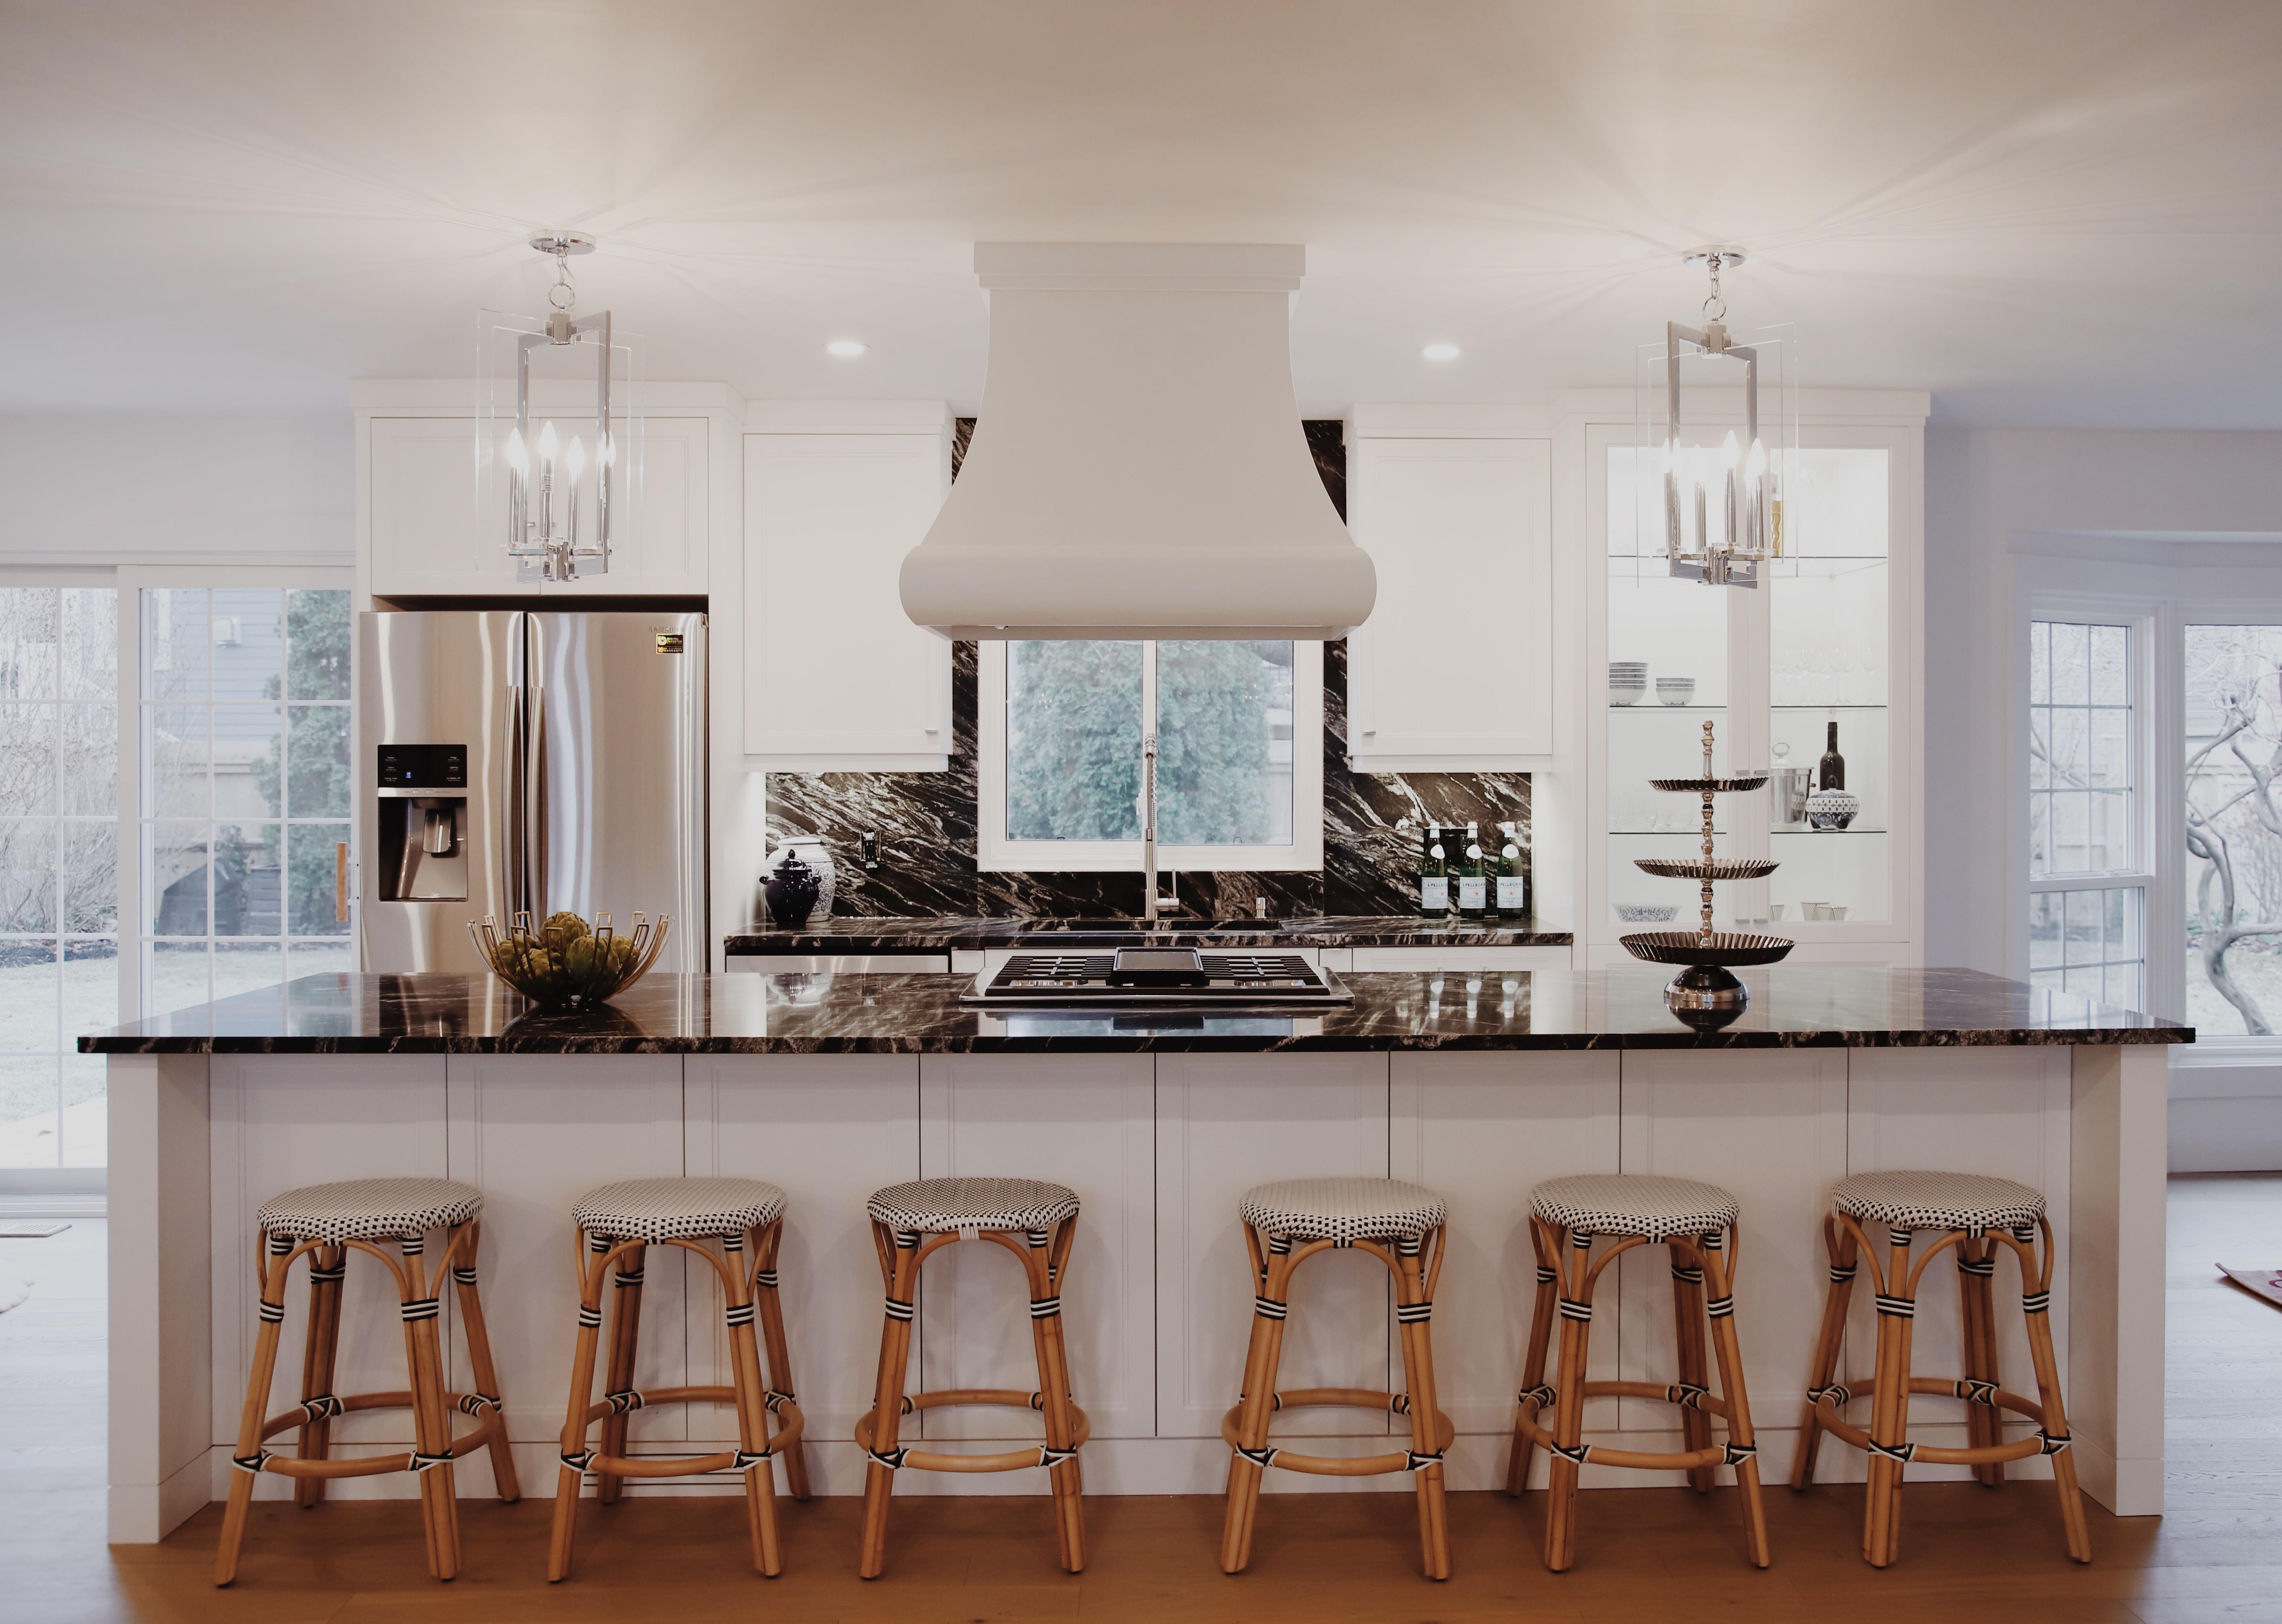 Modern Kitchen with Statement Backsplash